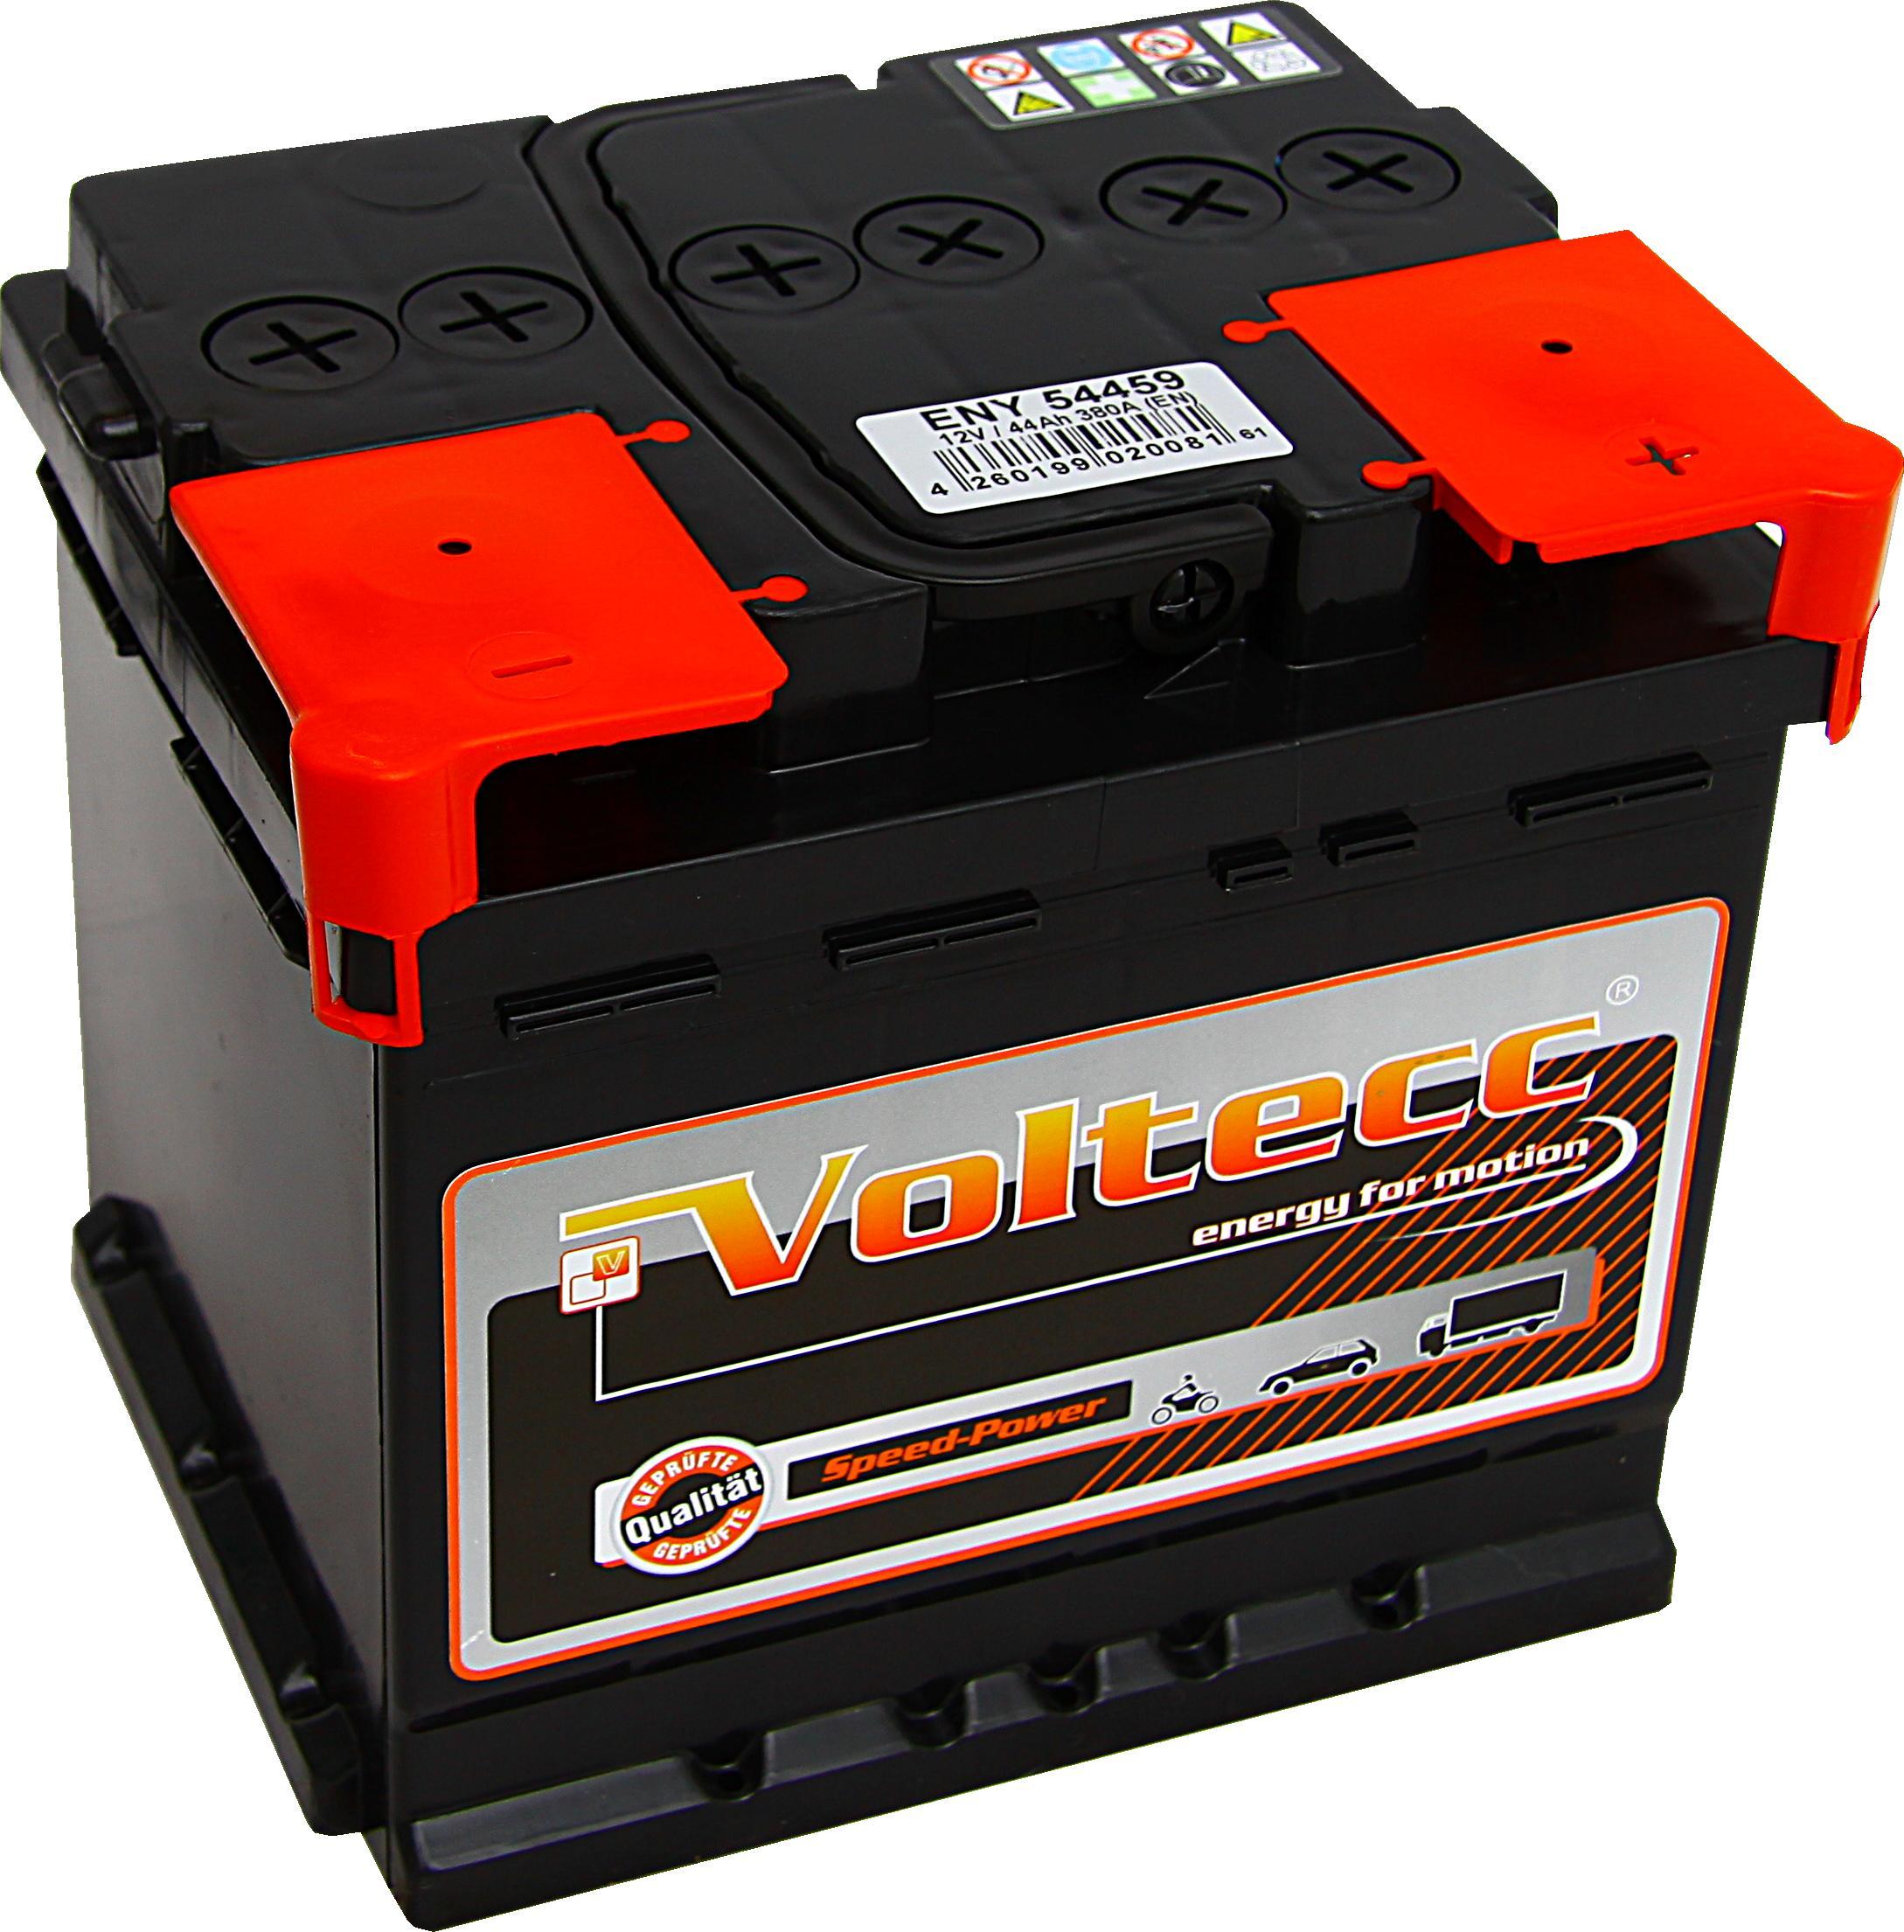 Voltecc Energy 54459 12V 44Ah 380A